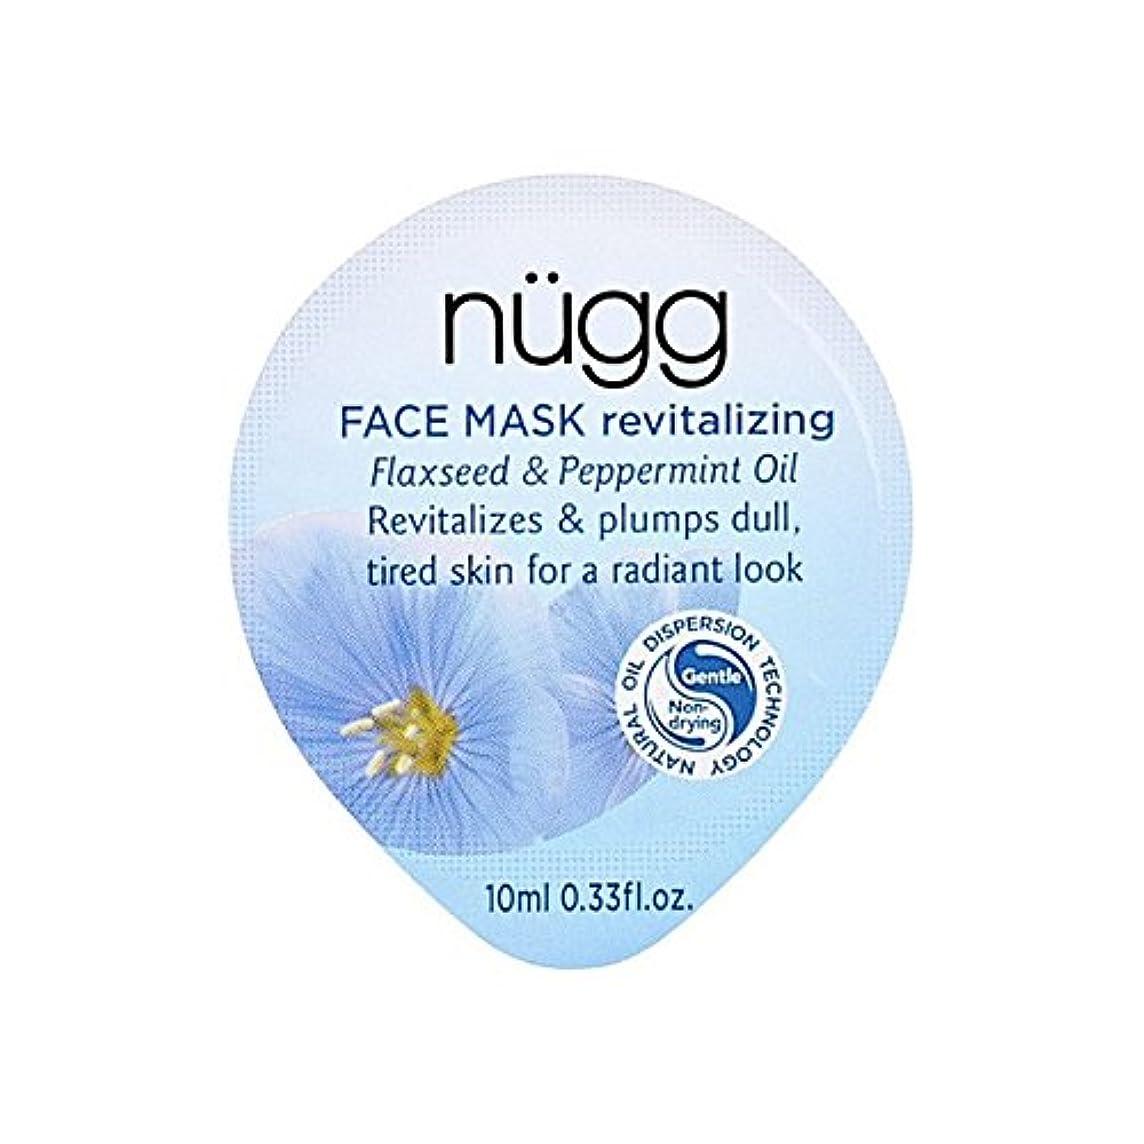 降臨におい実行可能Nugg Revitalizing Face Mask - フェイスマスクを活性化 [並行輸入品]